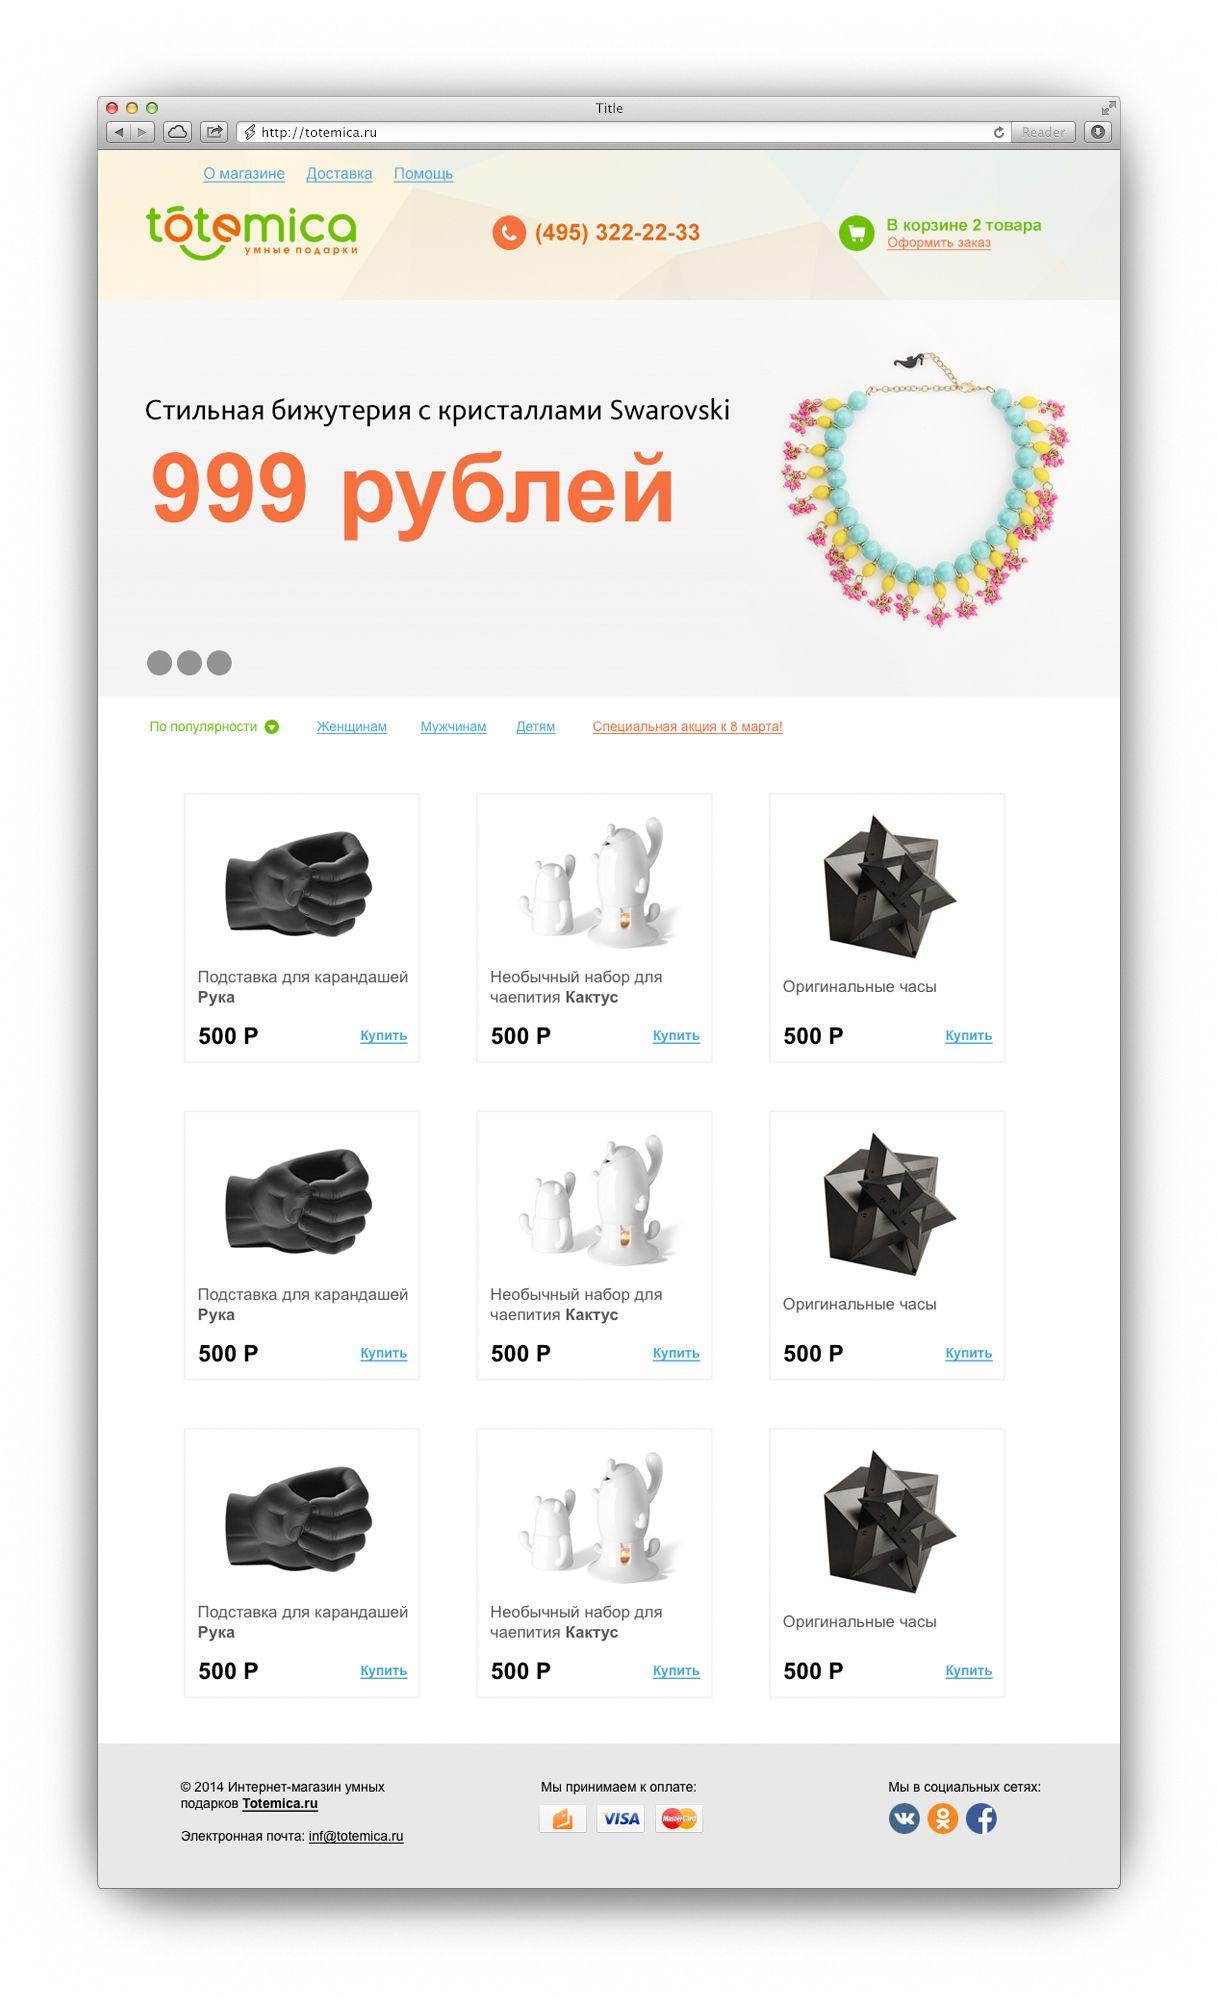 Дизайн сайта интернет магазина - дизайнер web_job